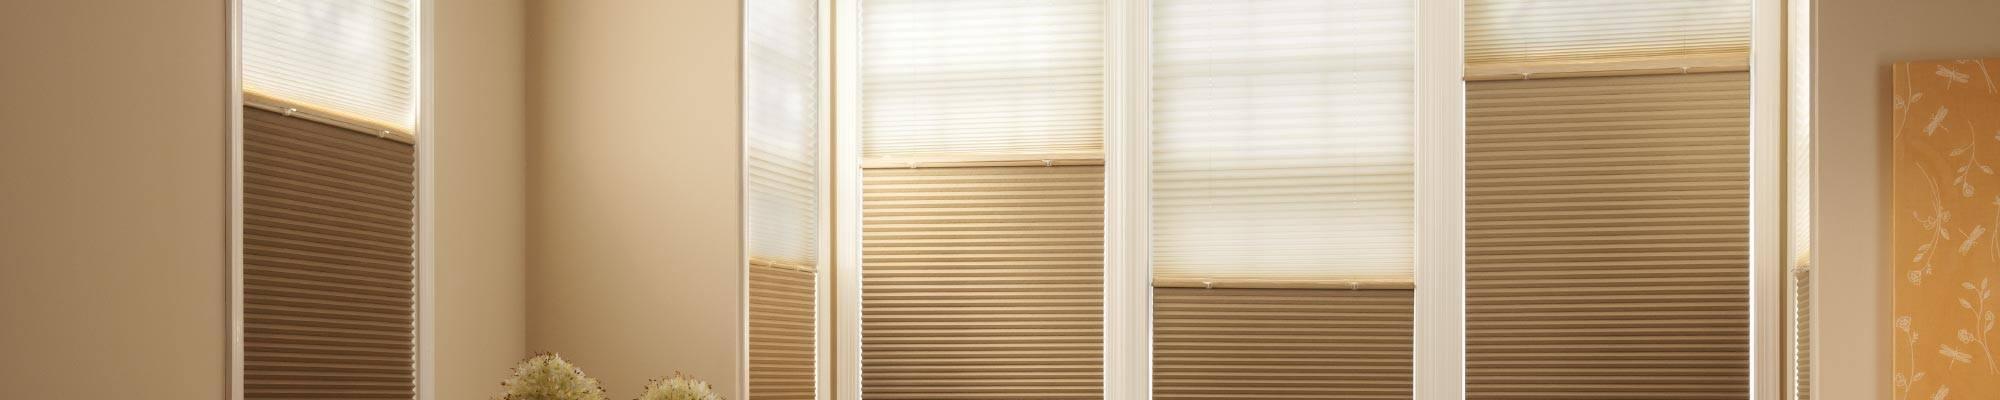 window coverings las vegas nv